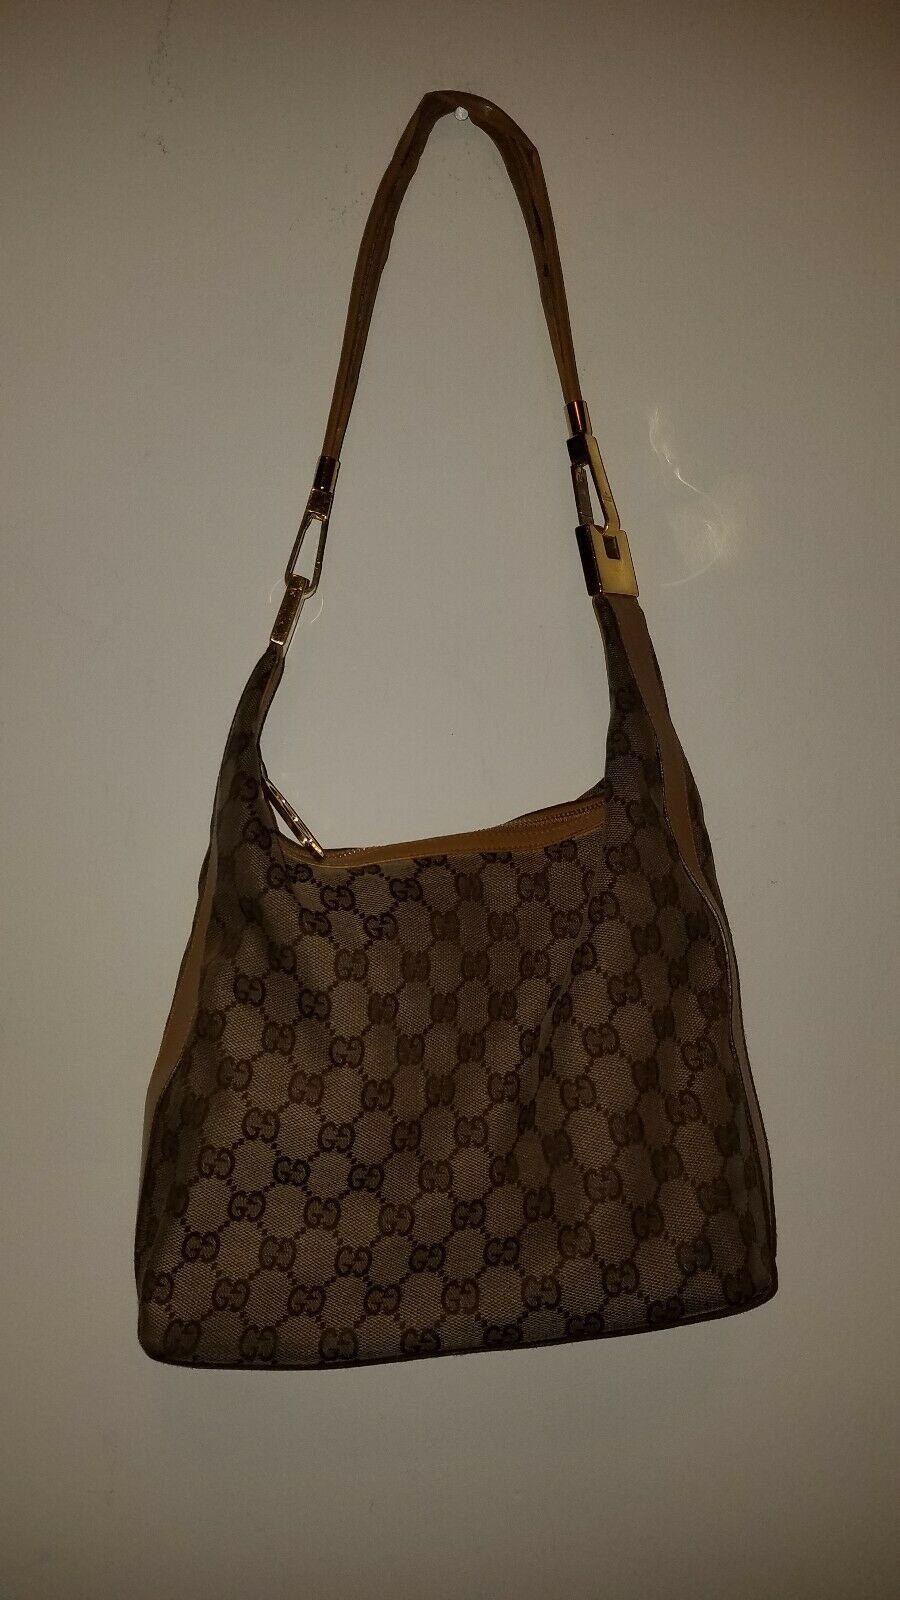 a8788f3e6a9c #FORSALE Authentic Vintage GUCCI Web Satchel Purse Handbag GG Canvas &  Leather Tan - $41